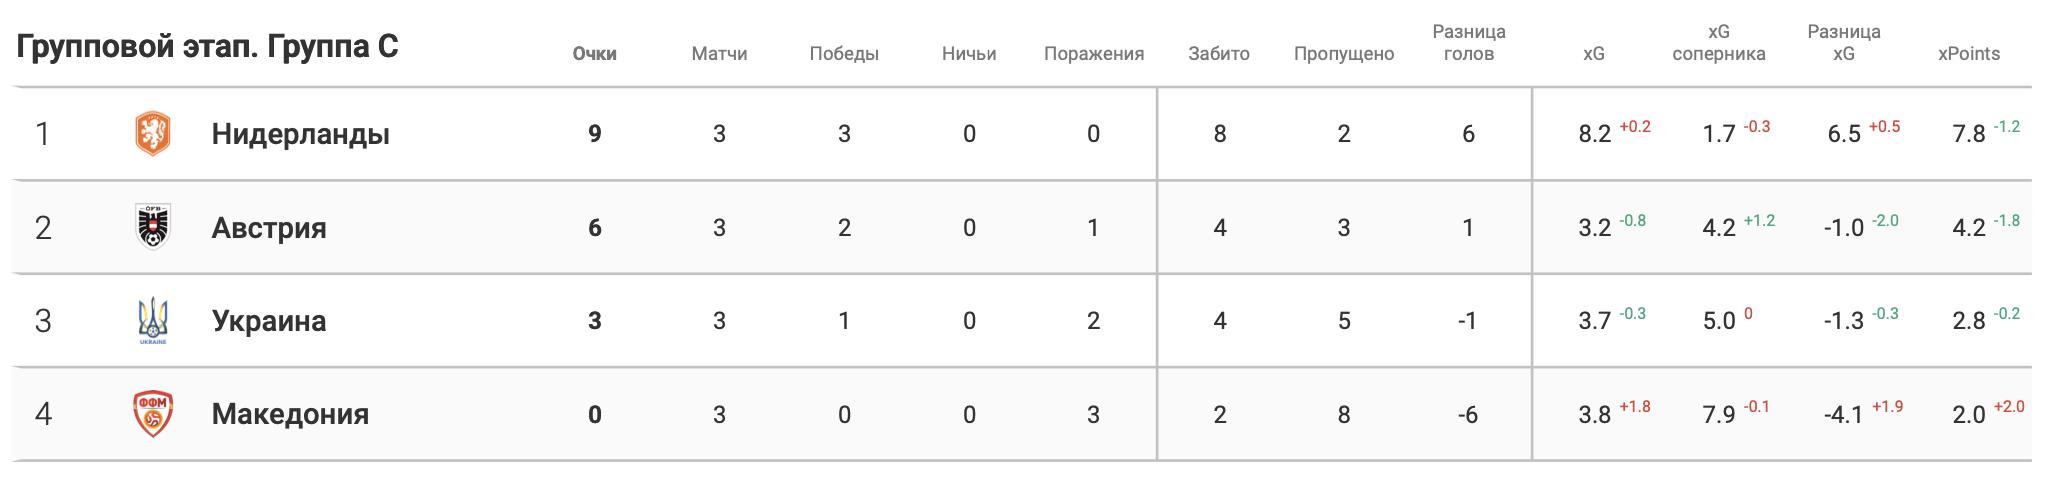 Итоги группы C в цифрах WyScout: без позитива для Украины - изображение 1